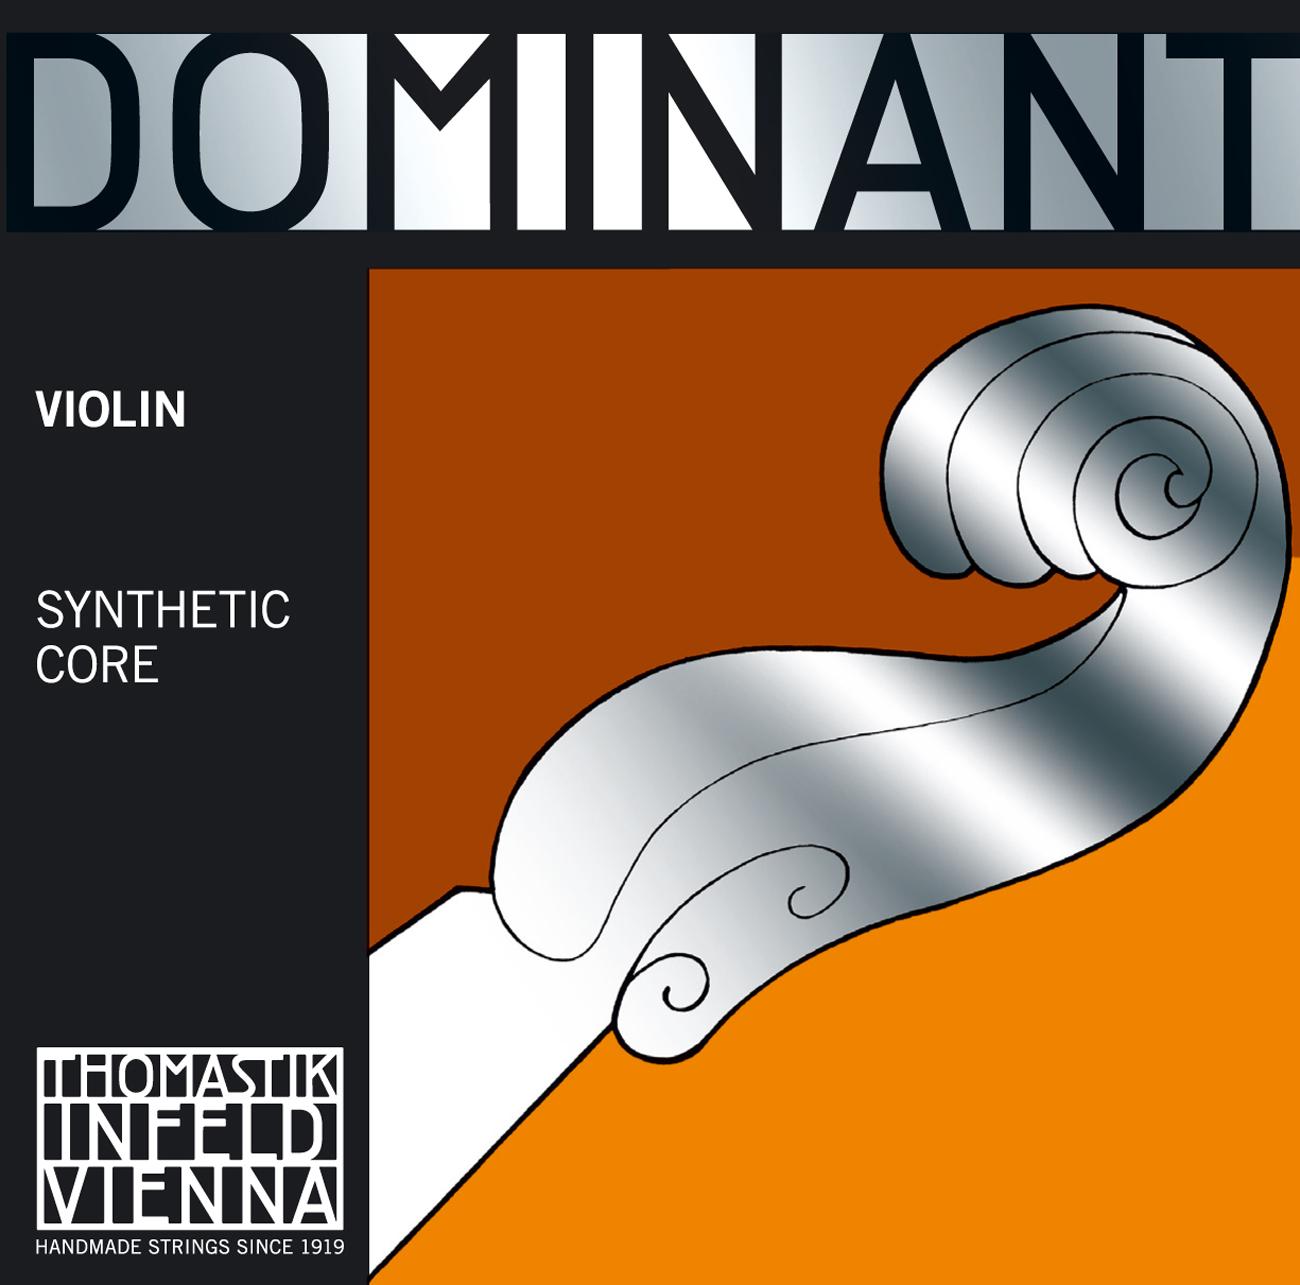 Dominant Violin E Aluminium loop 4/4